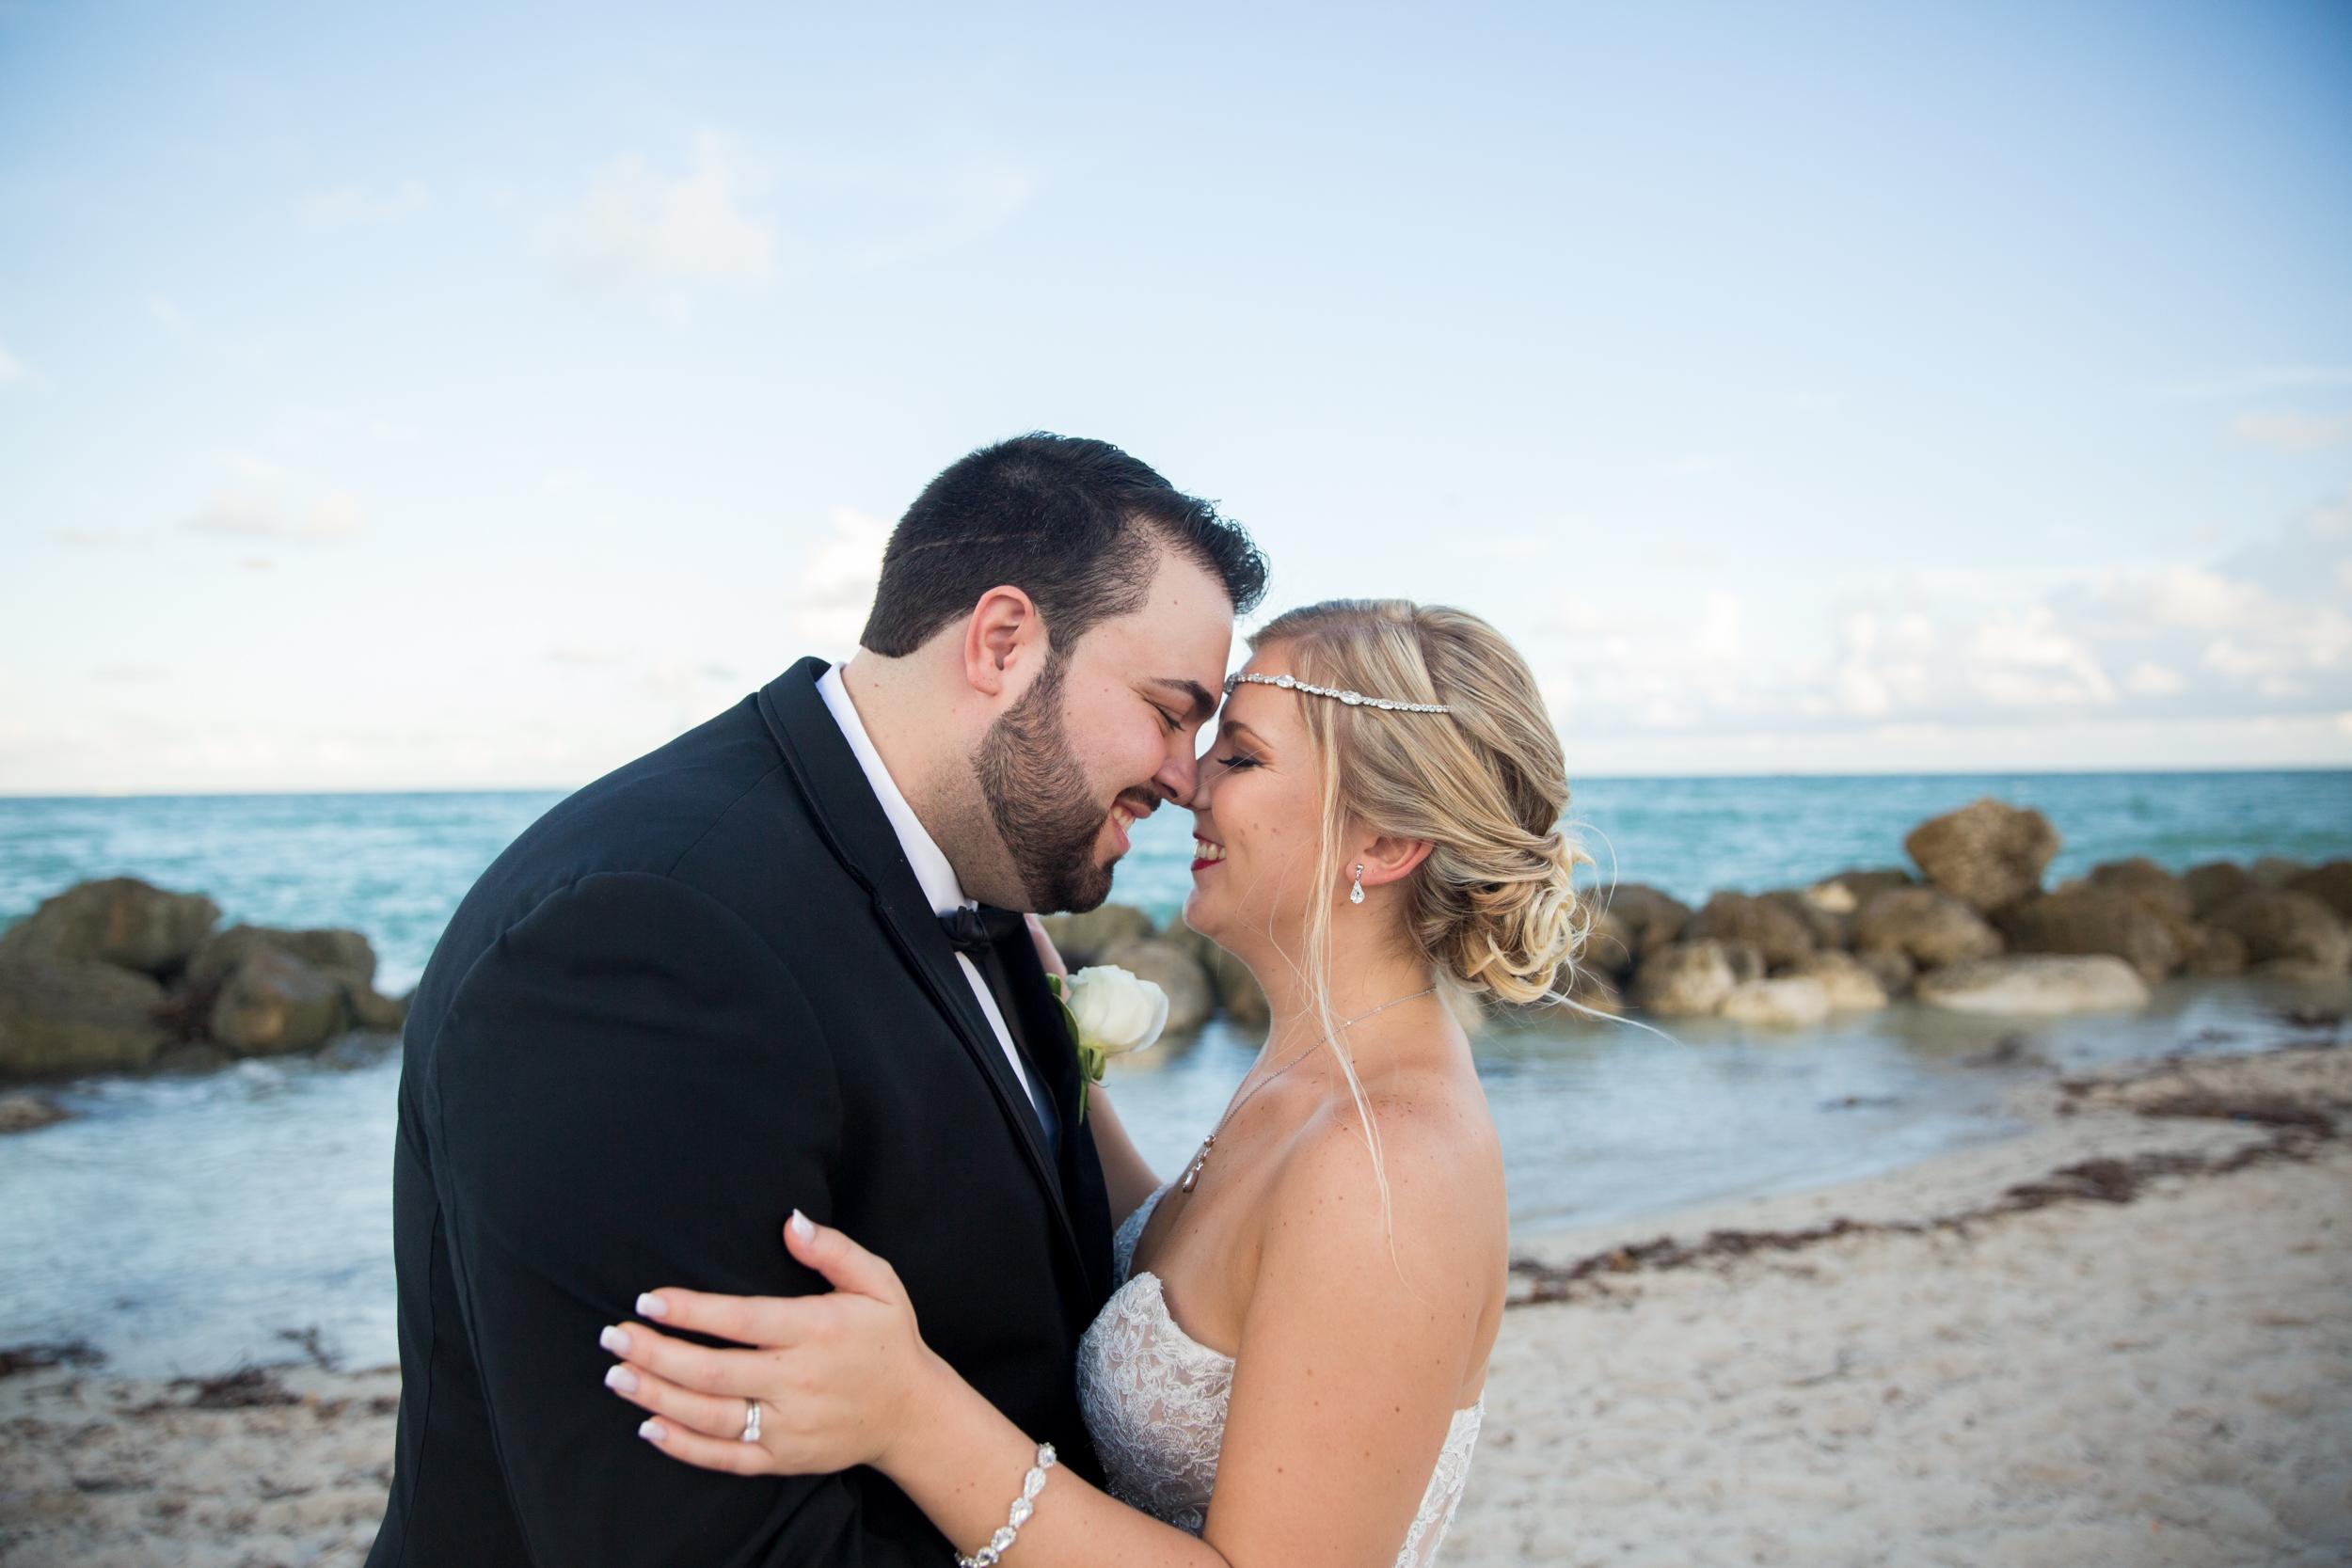 10-14-17_AshleyRichard_Wedding-105.jpg